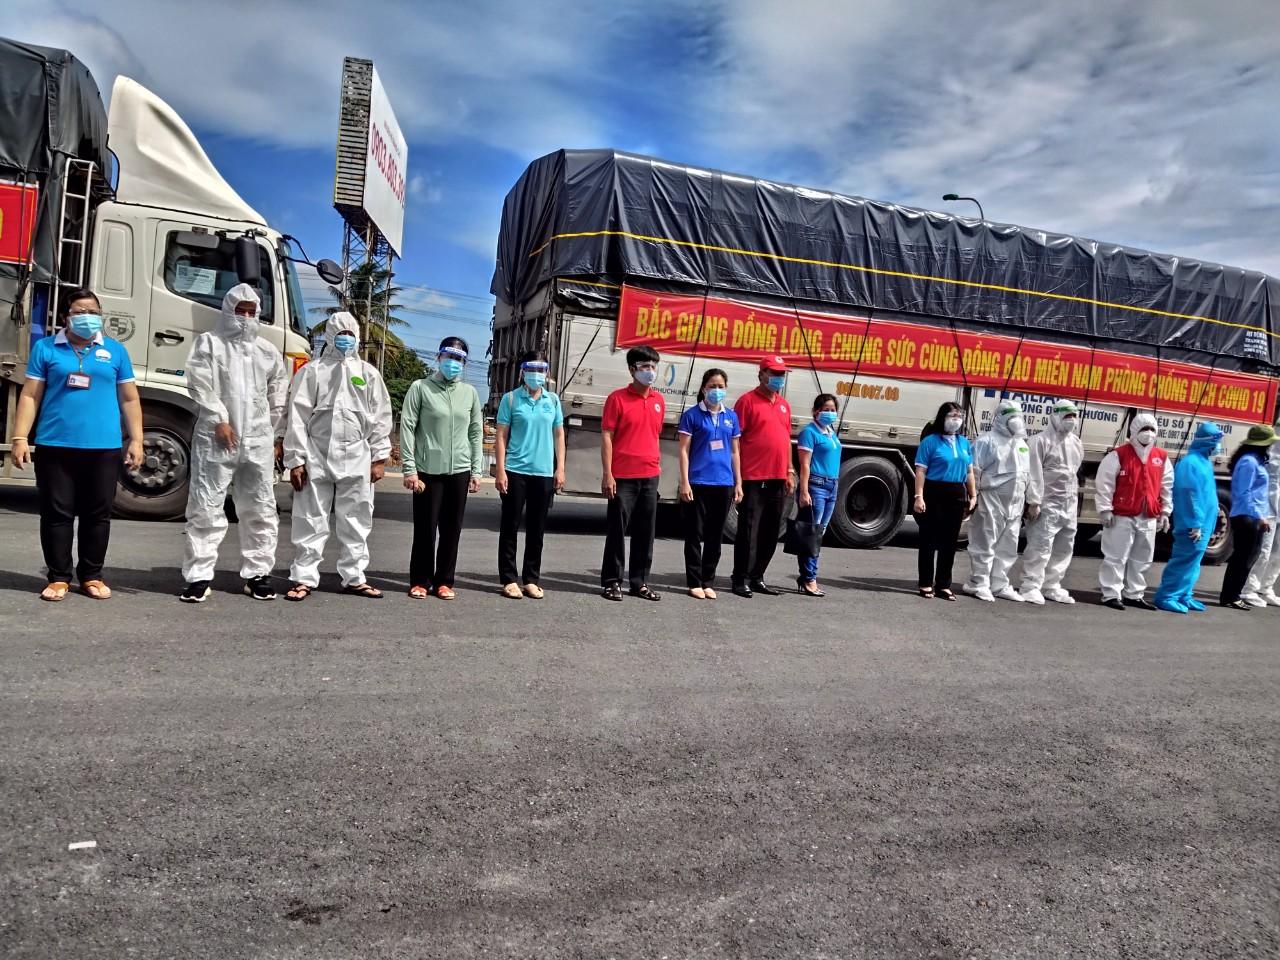 Những chuyến xe chở 100 tấn hàng hóa, nhu yếu phẩm của Bắc Giang đến với người dân thành phố Hồ Chí MInh